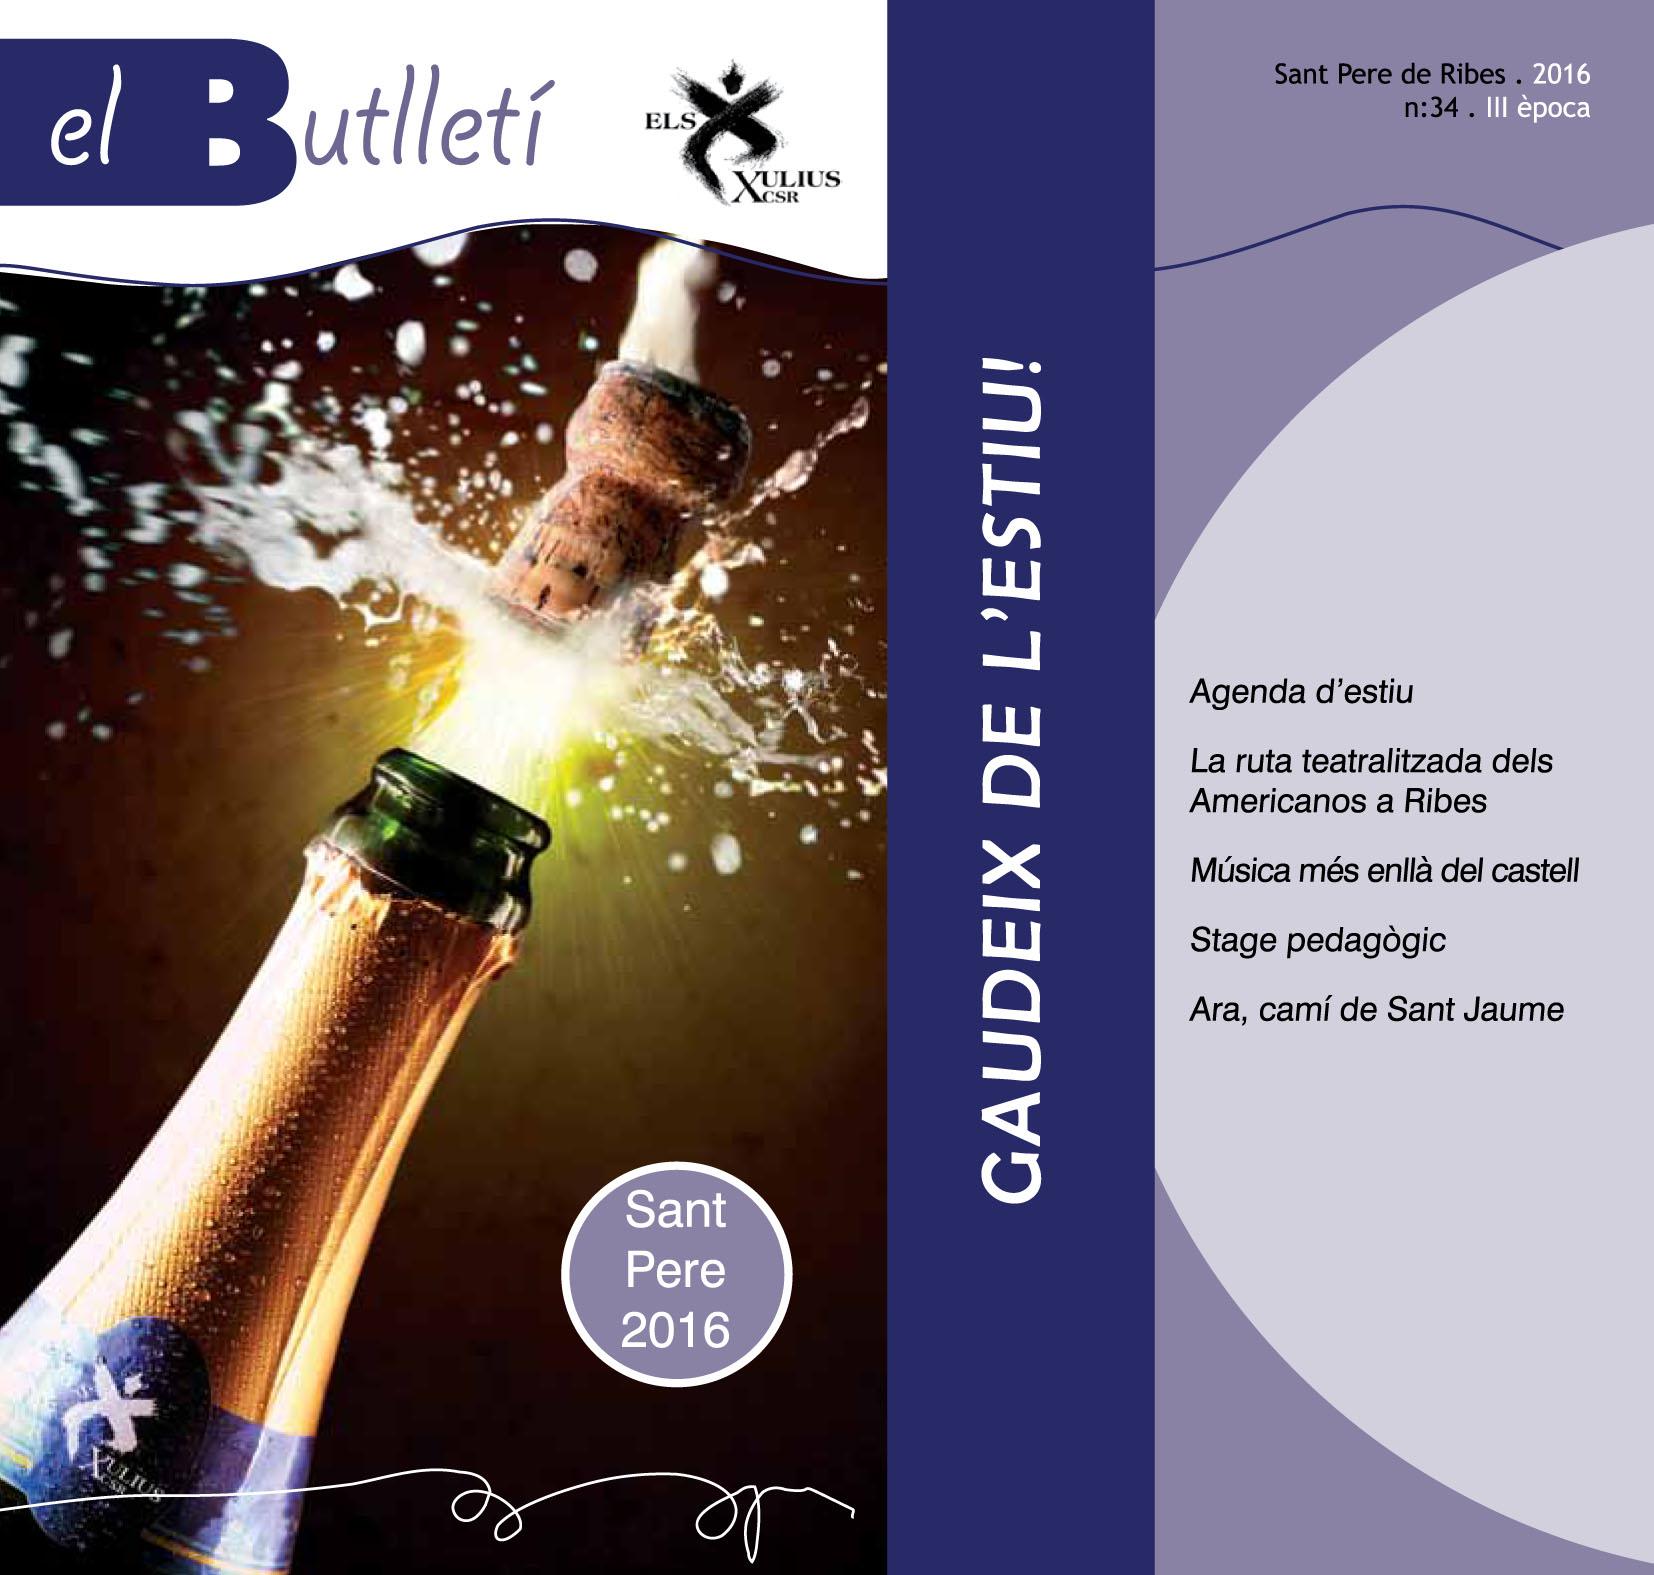 El Butlletí 33